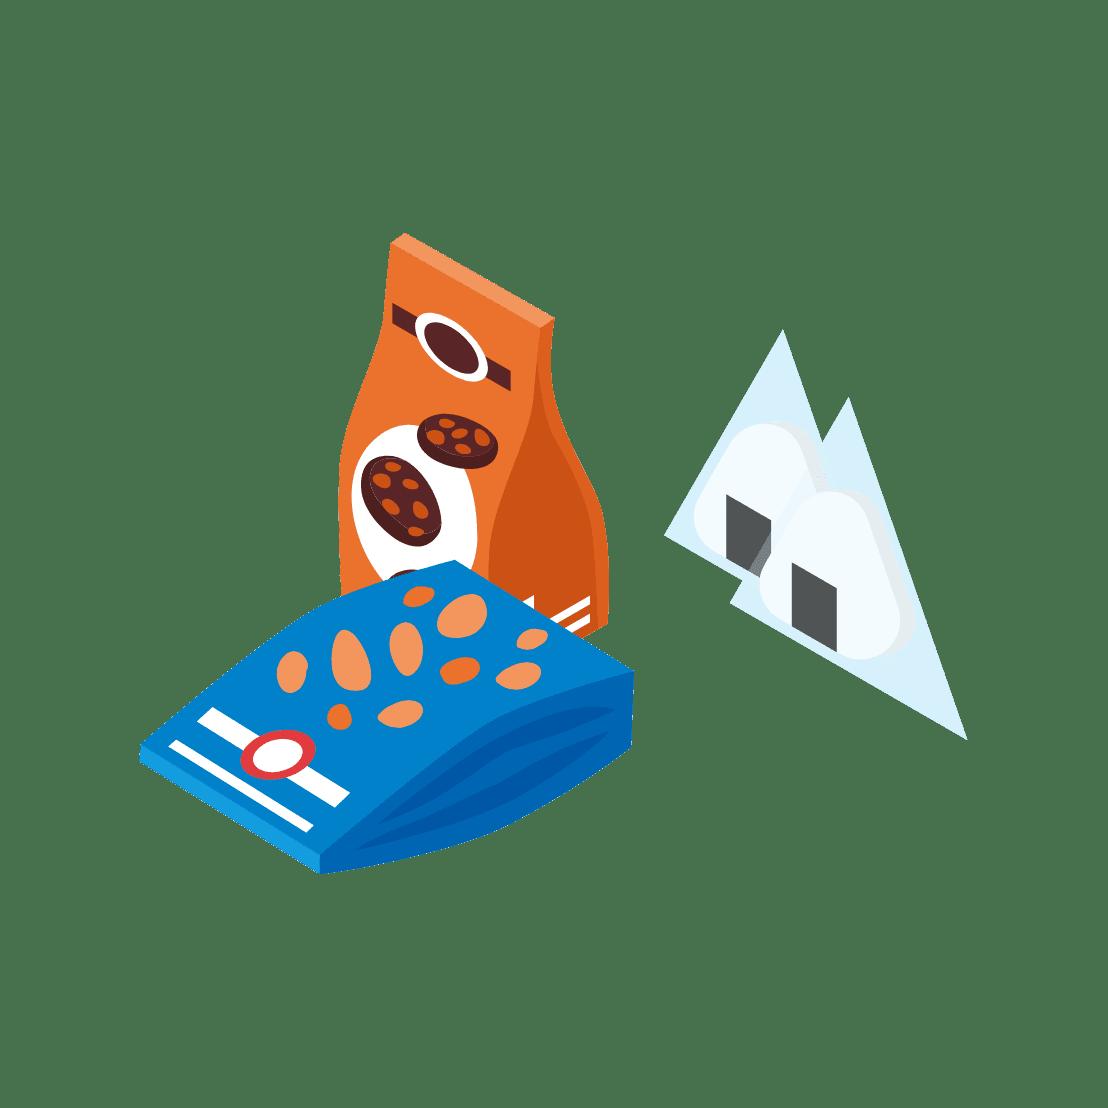 食品の包装材・<br /> パッケージ